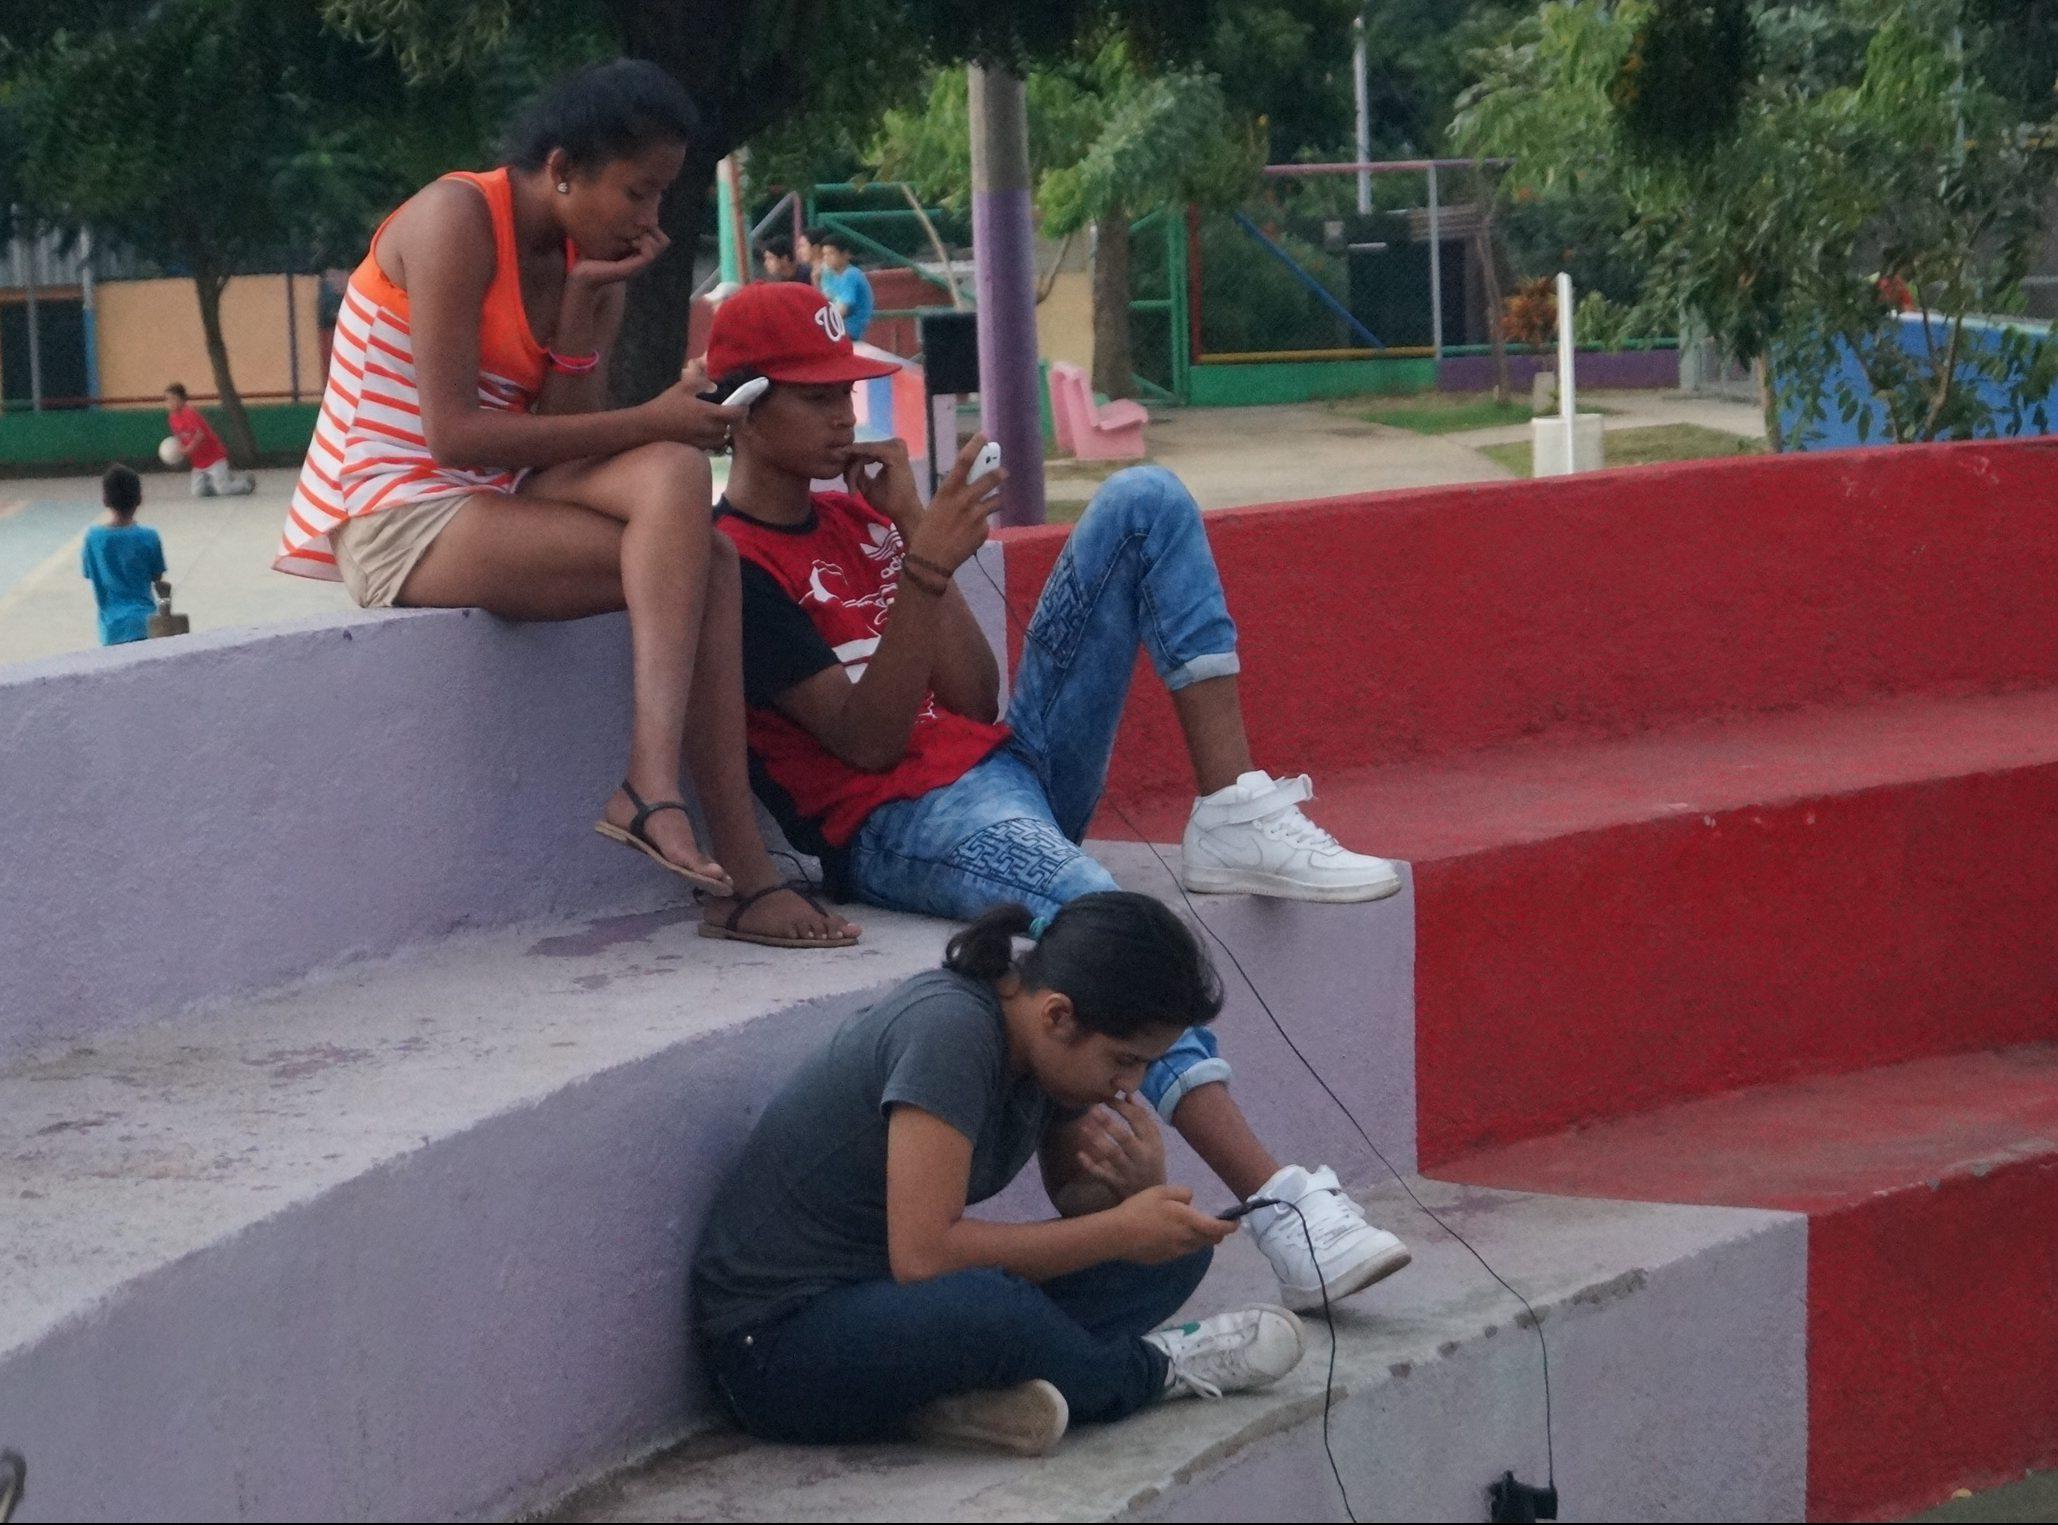 Menores de 18 años tienen acceso a sitios para adultos en las redes de internet gratuito de los parques de Nicaragua. Foto: A. Navarro